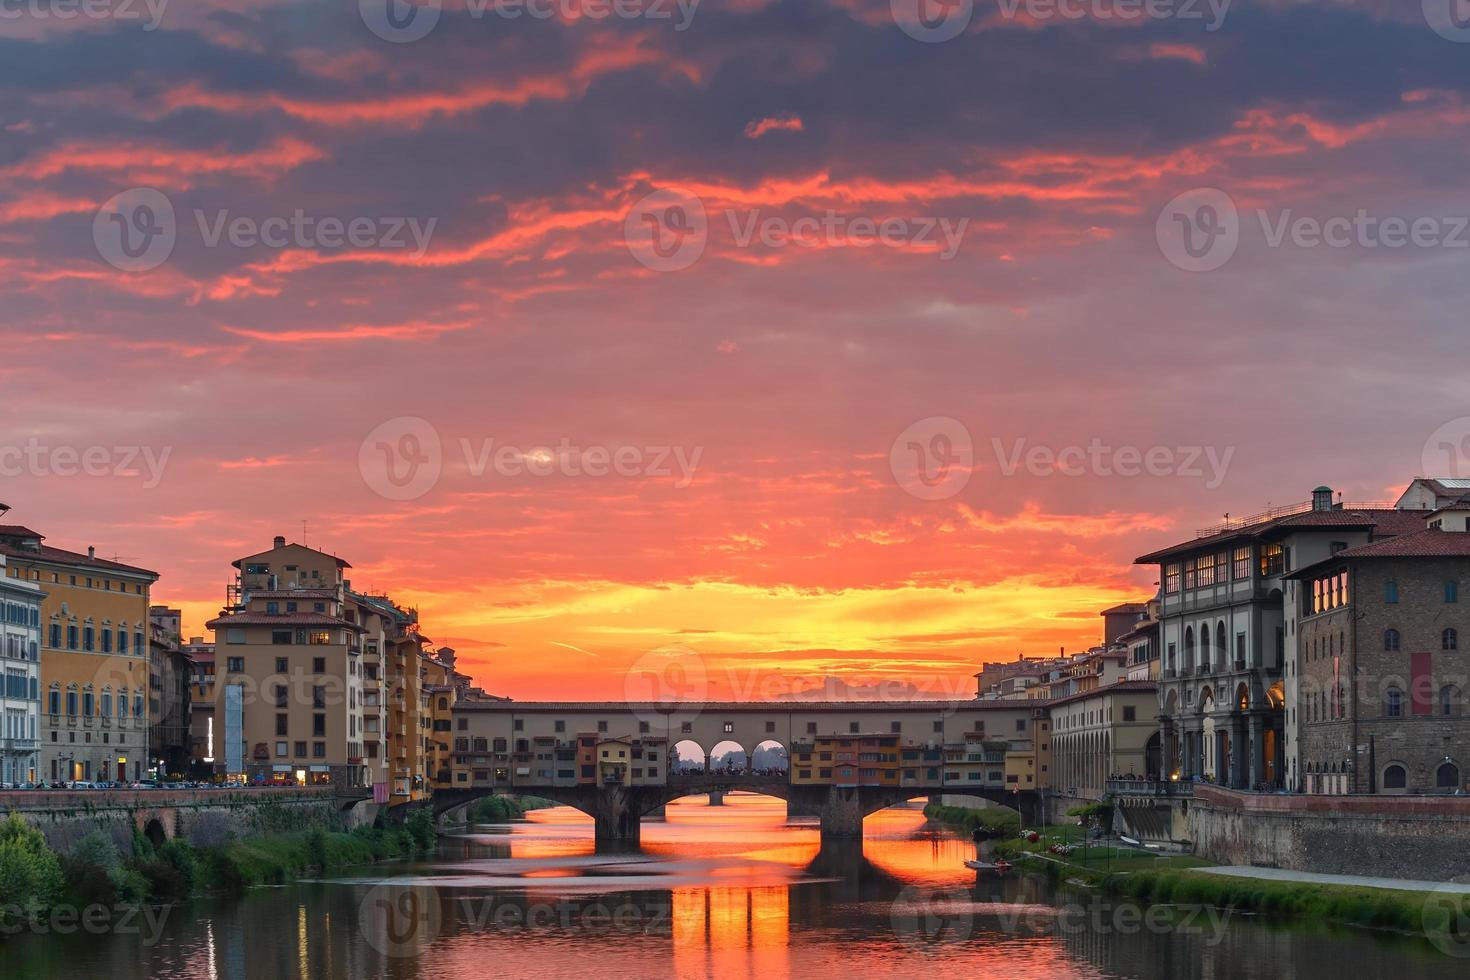 Arno et Ponte Vecchio au coucher du soleil, Florence, Italie photo